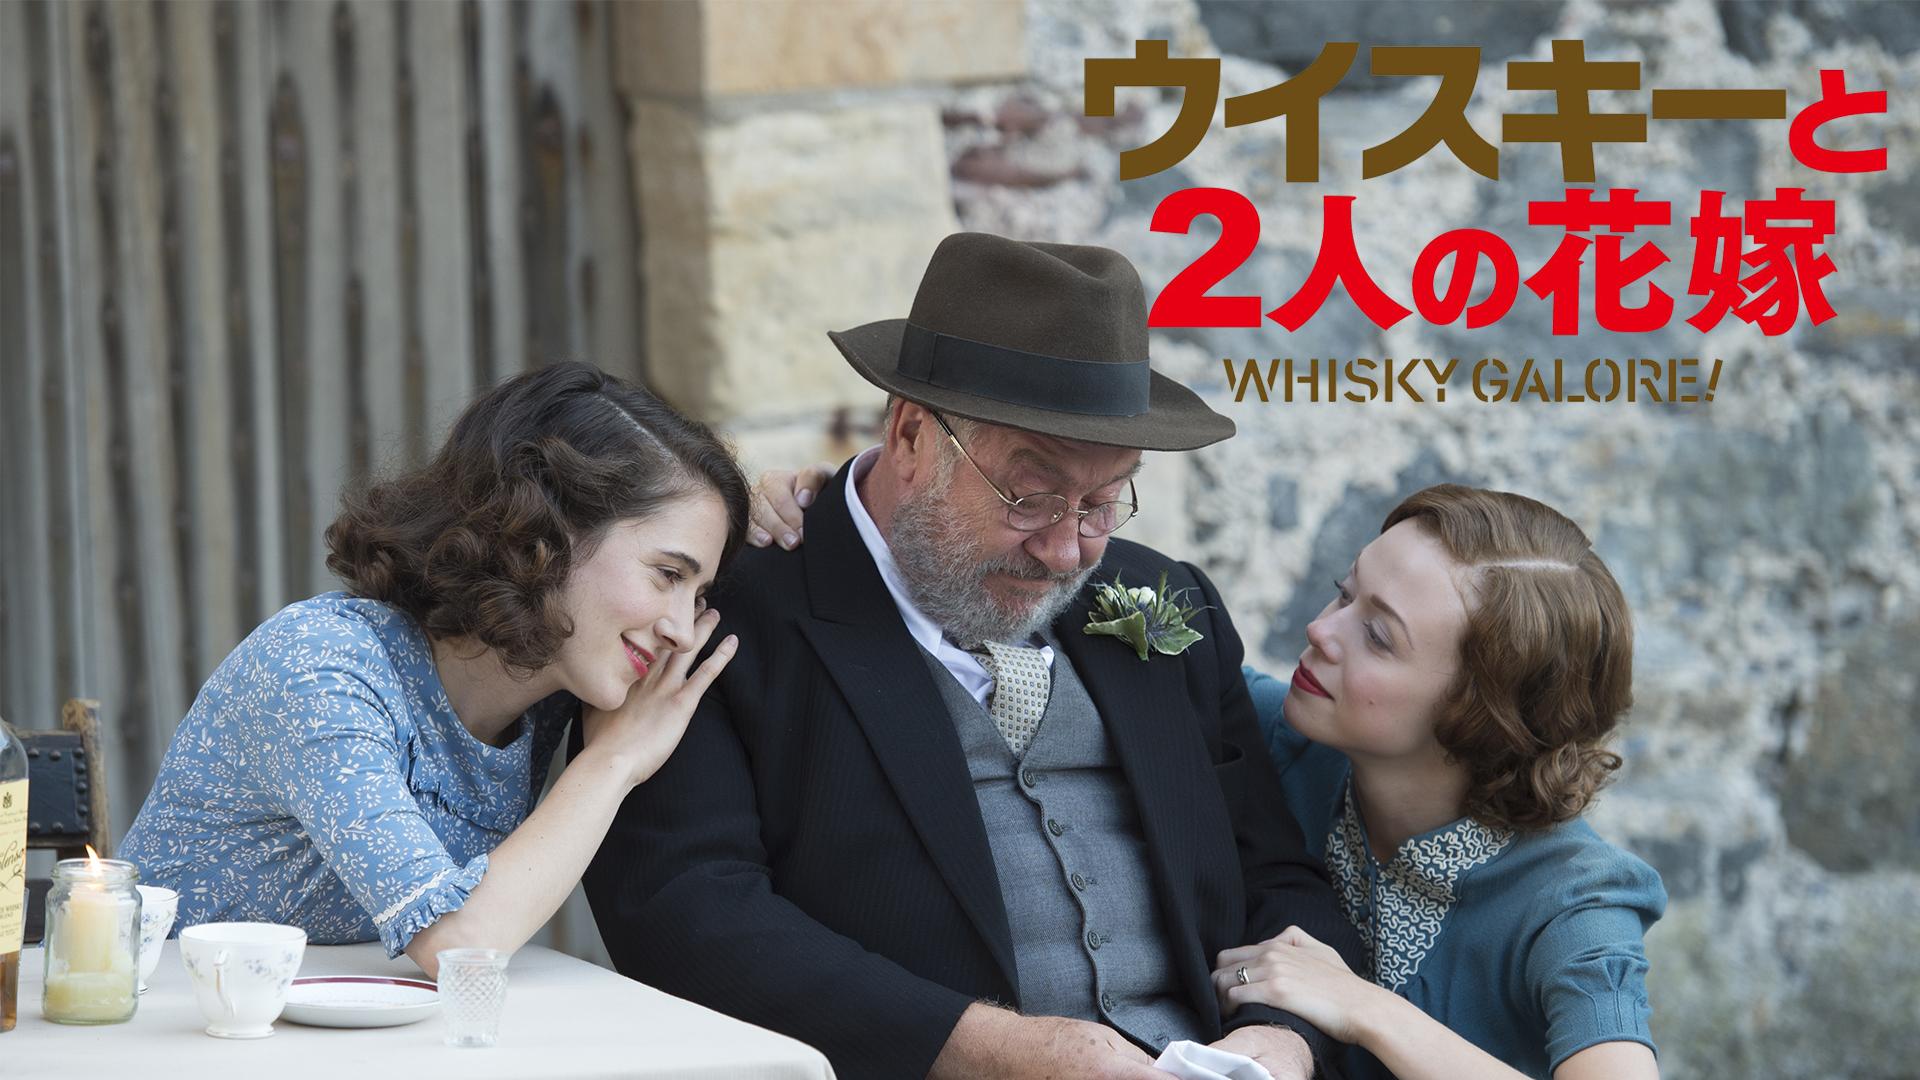 ウイスキーと2人の花嫁